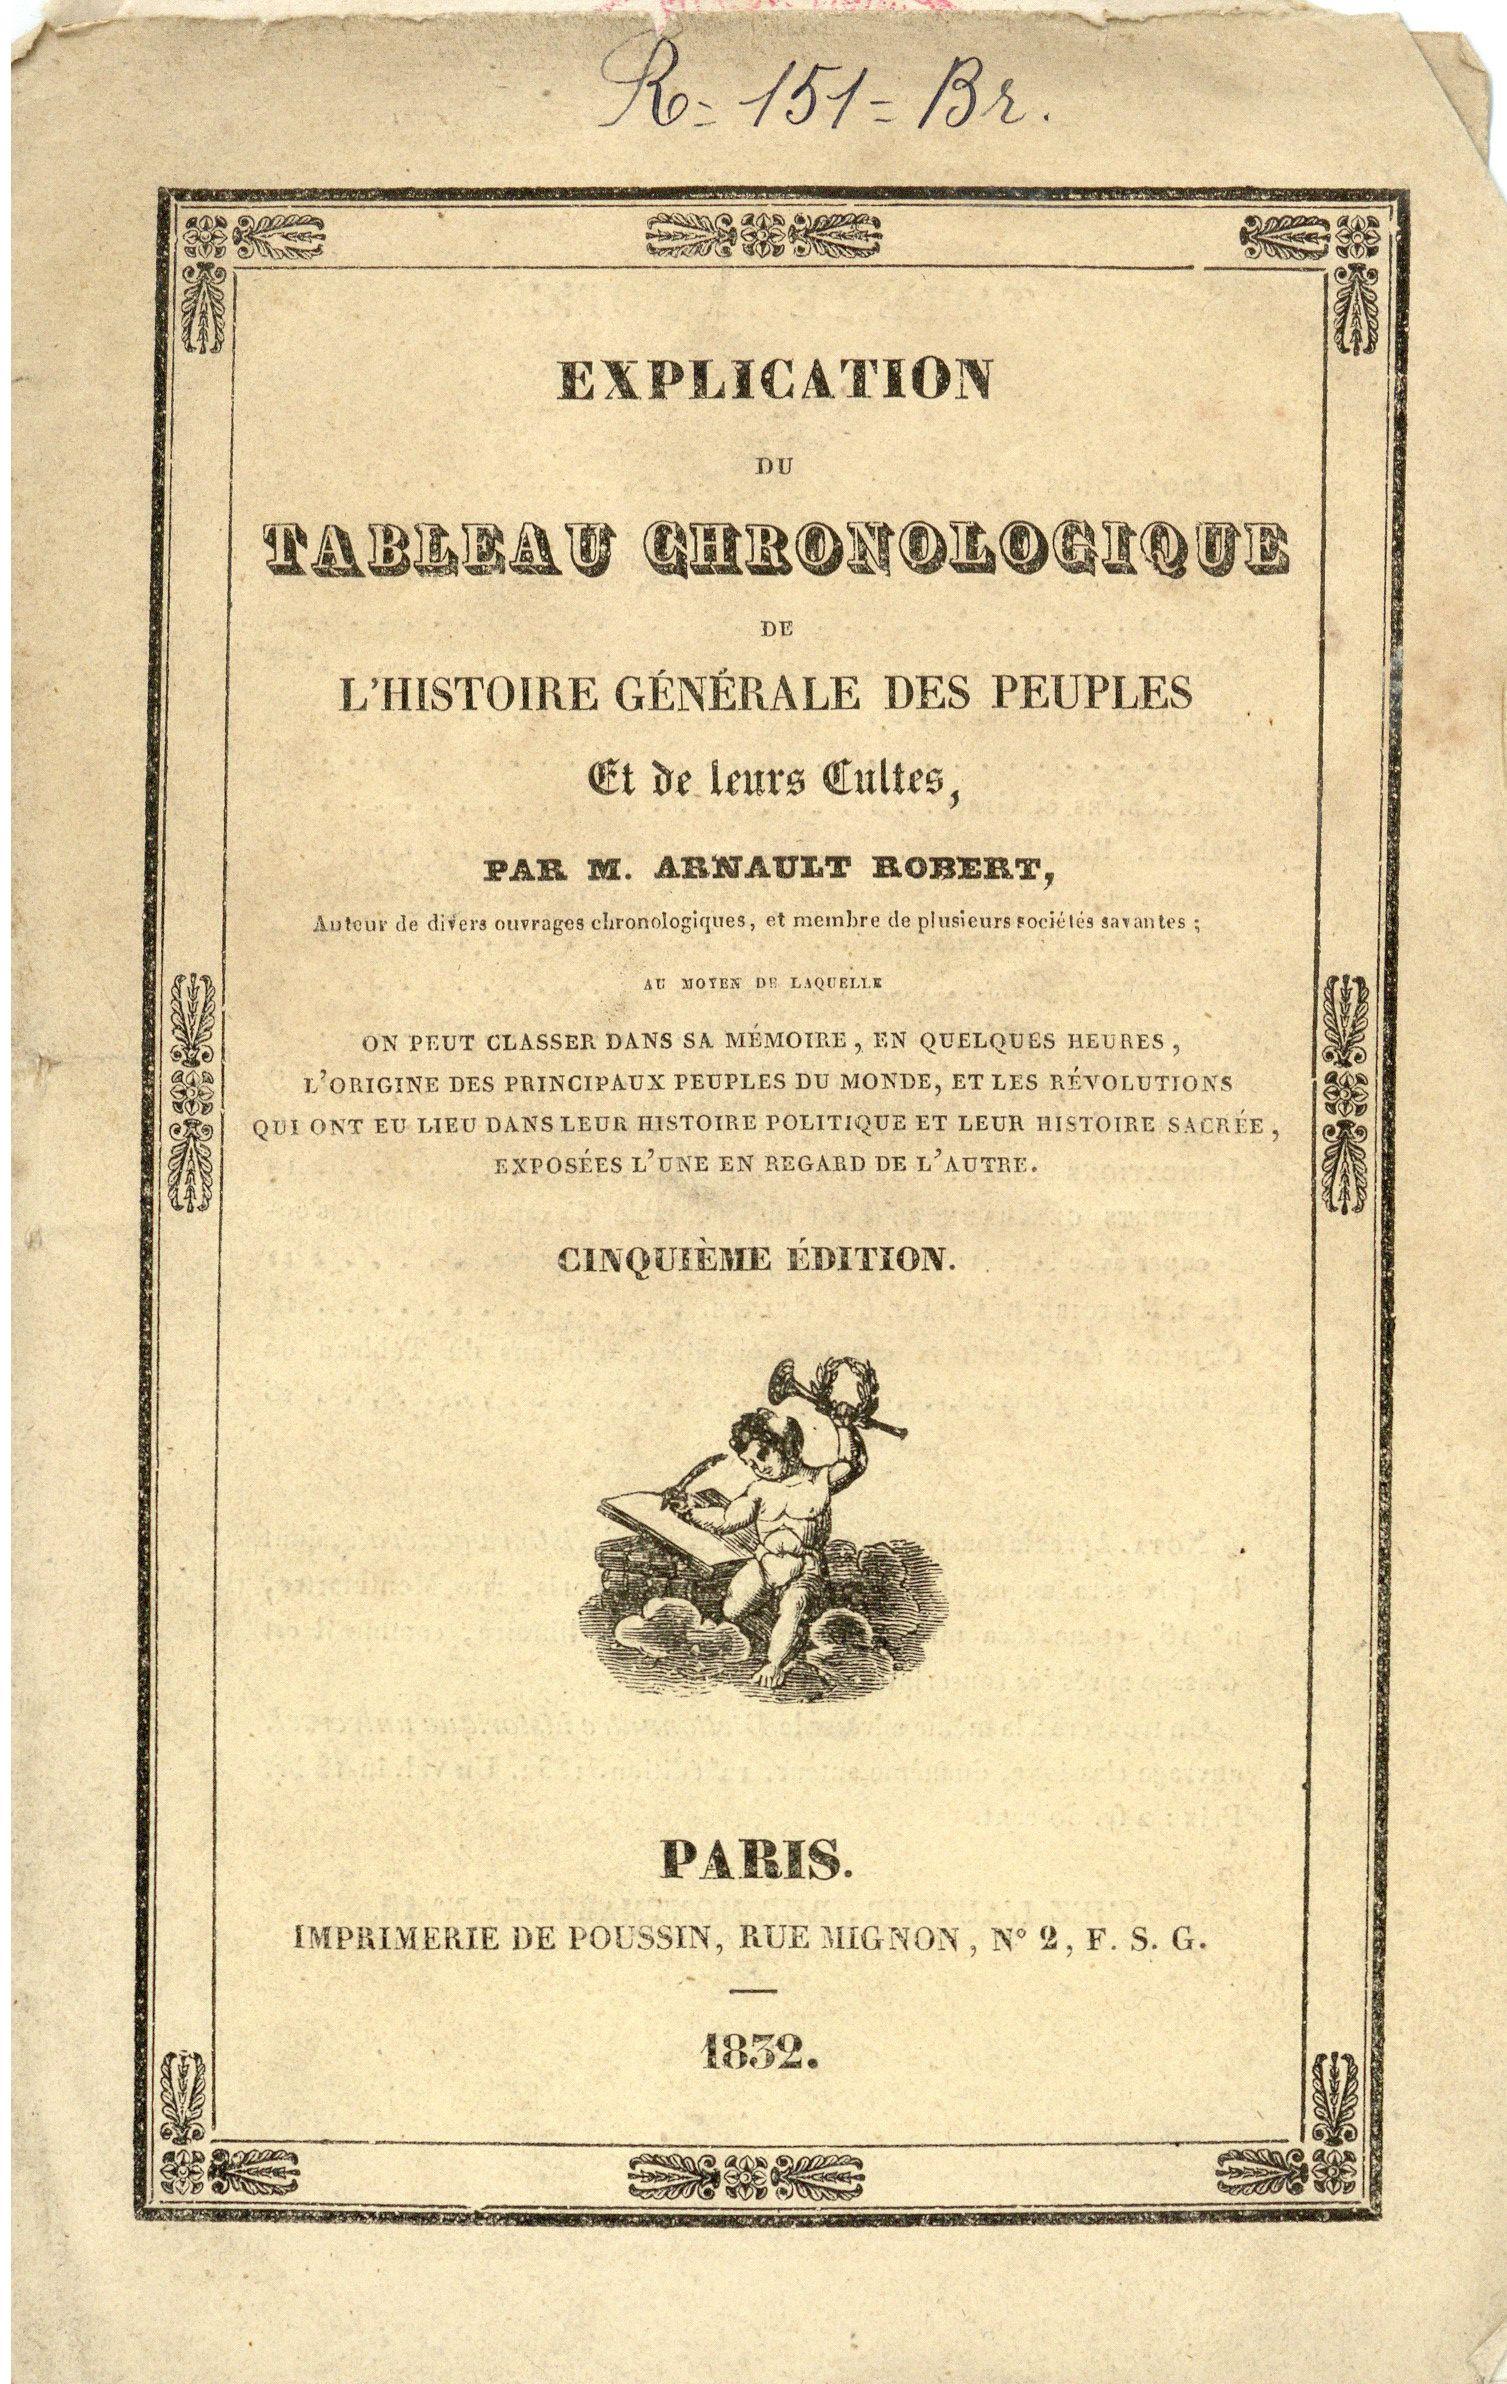 A Robert Explication Du Tableau Chronologique De L Histoire Generale Des Peuples Et De Leurs Cultes 1832